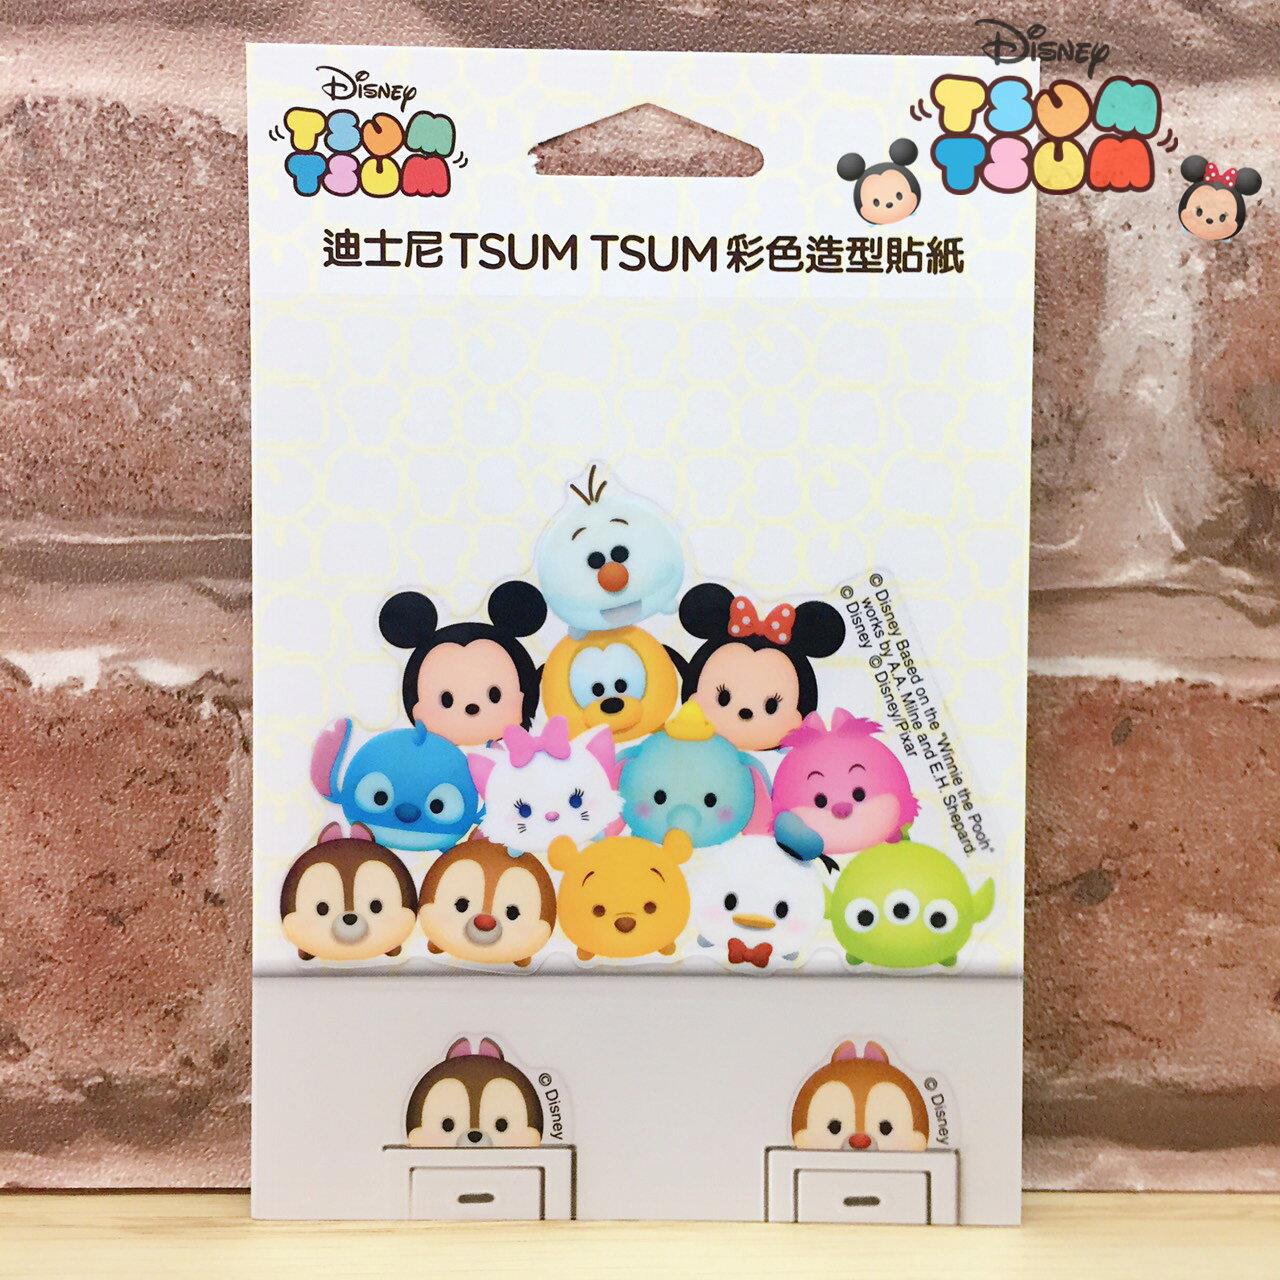 【唯愛日本】17062300009 迪士尼開關貼-TSUM綜合 迪士尼 奇奇蒂蒂雪寶瑪莉貓米妮 裝飾貼紙 居家生活